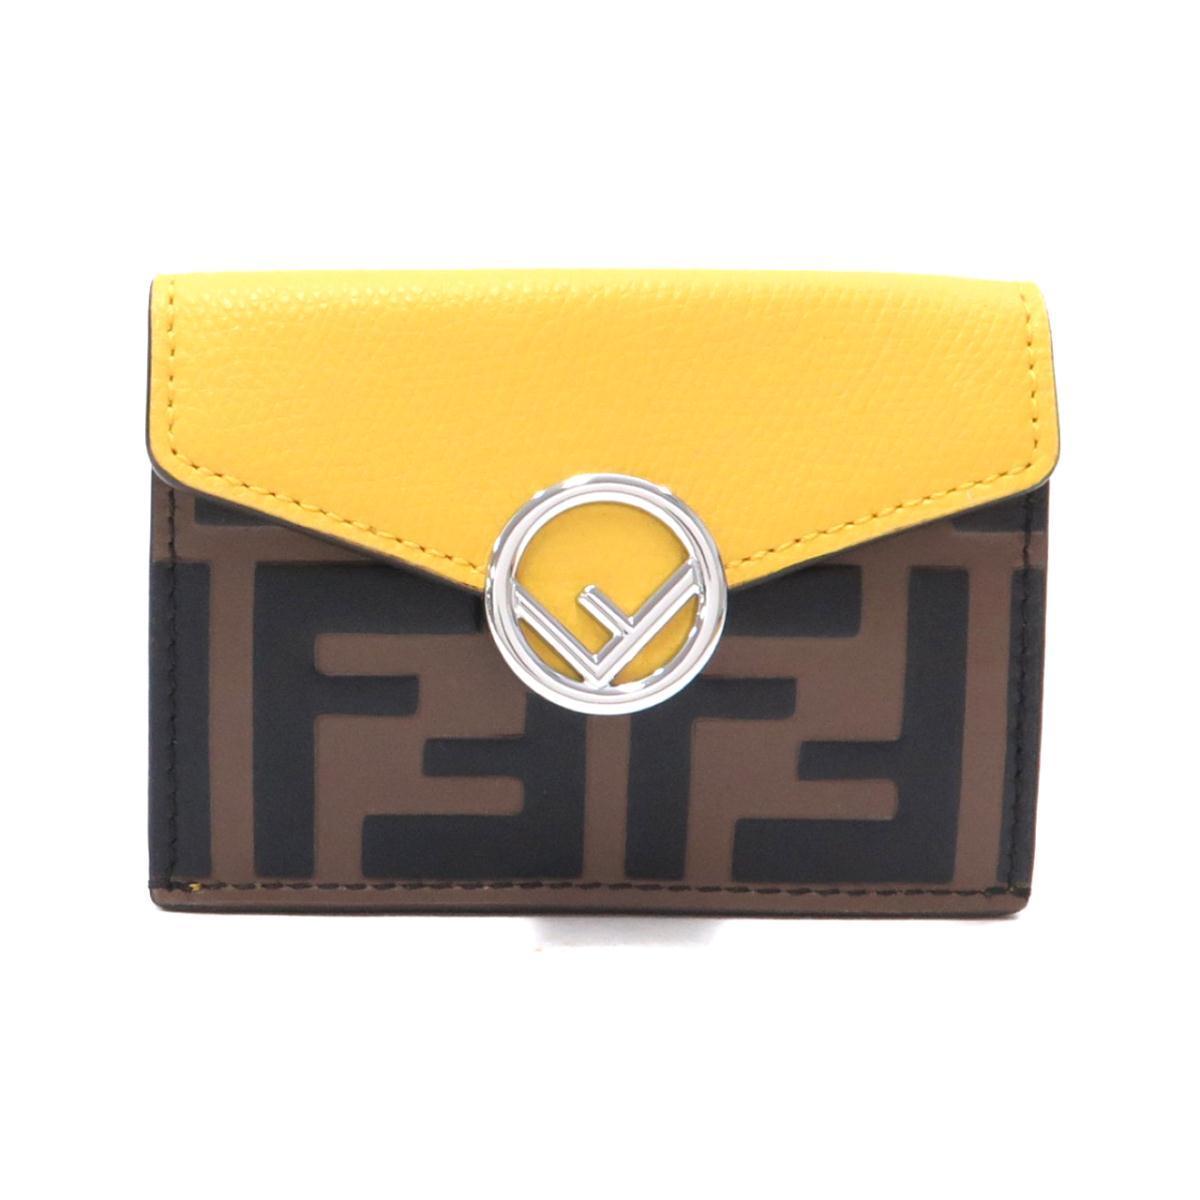 【新品】フェンディ 財布 8M0395 AAII【新品】